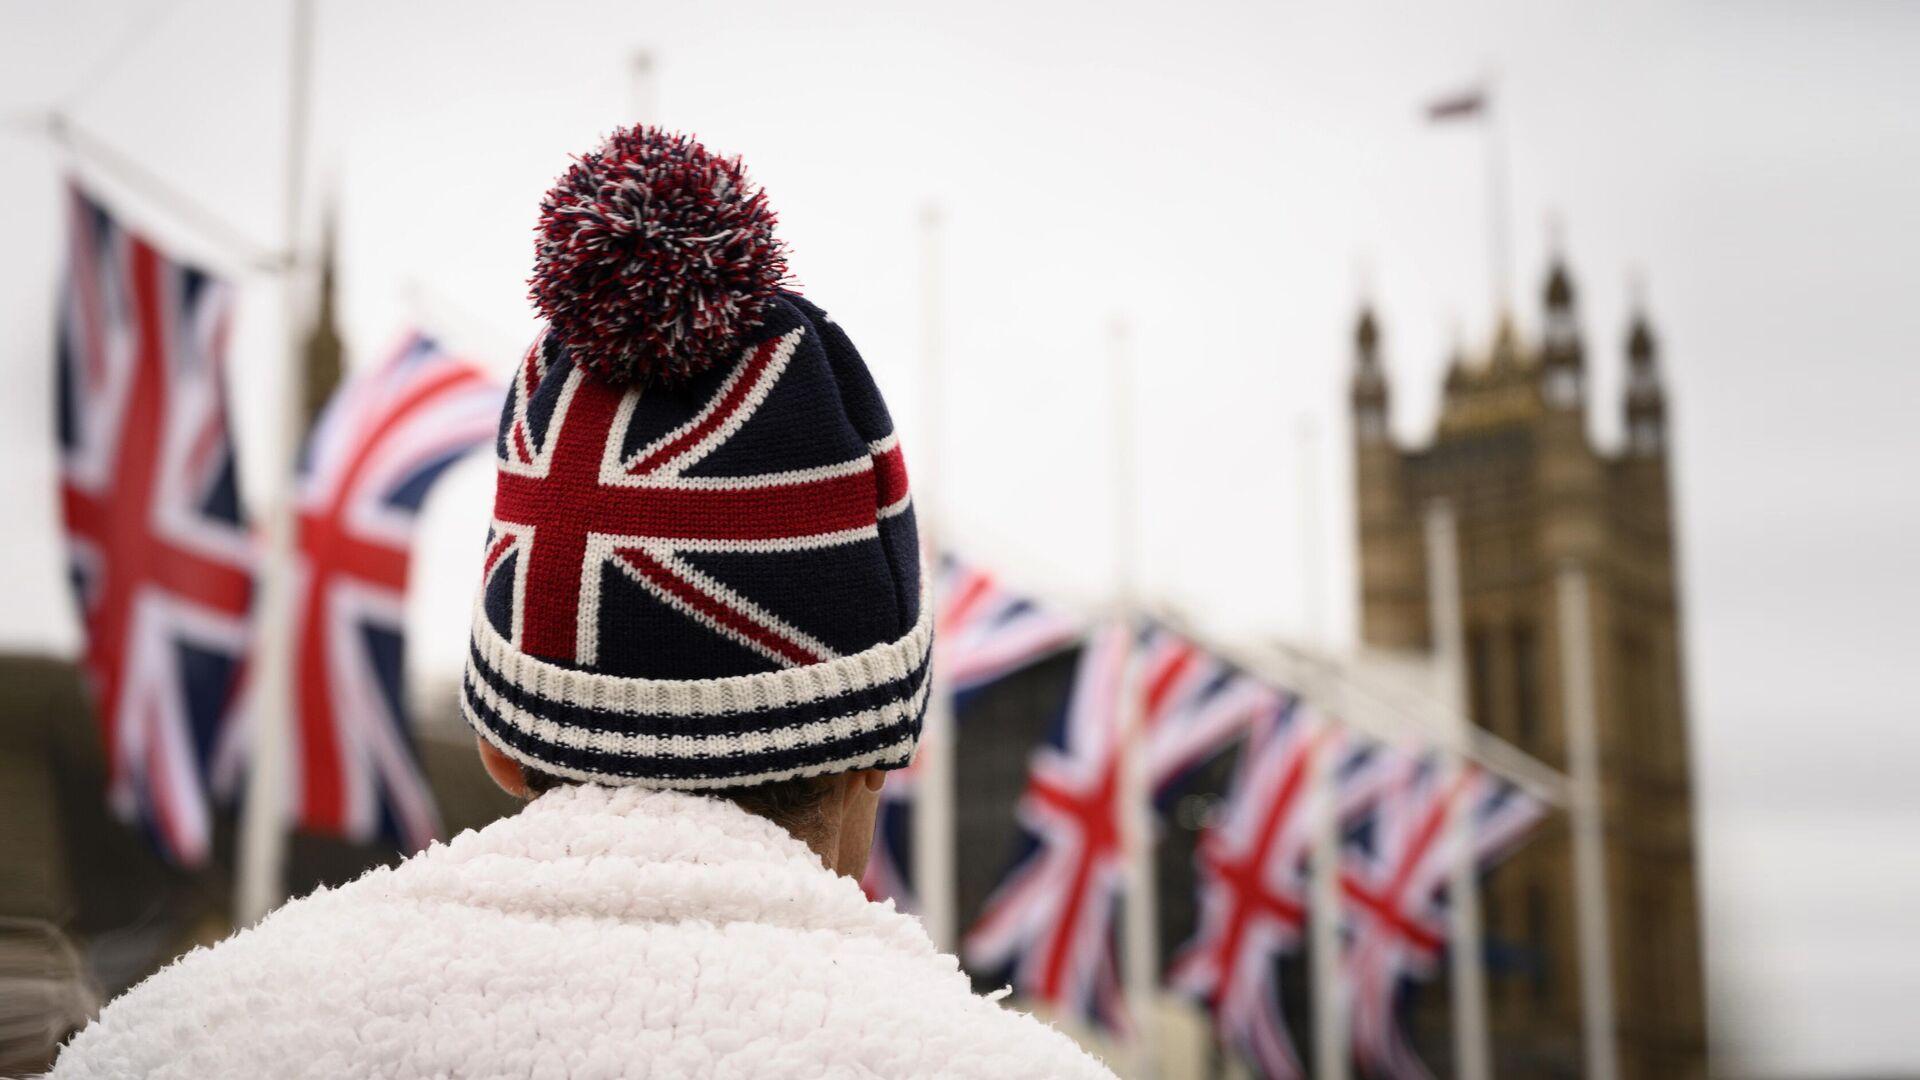 Сторонник Brexit на торжественных мероприятиях, посвященных выходу Великобритании из ЕС (Brexit Party) на площади Парламента в Лондоне - РИА Новости, 1920, 13.09.2020